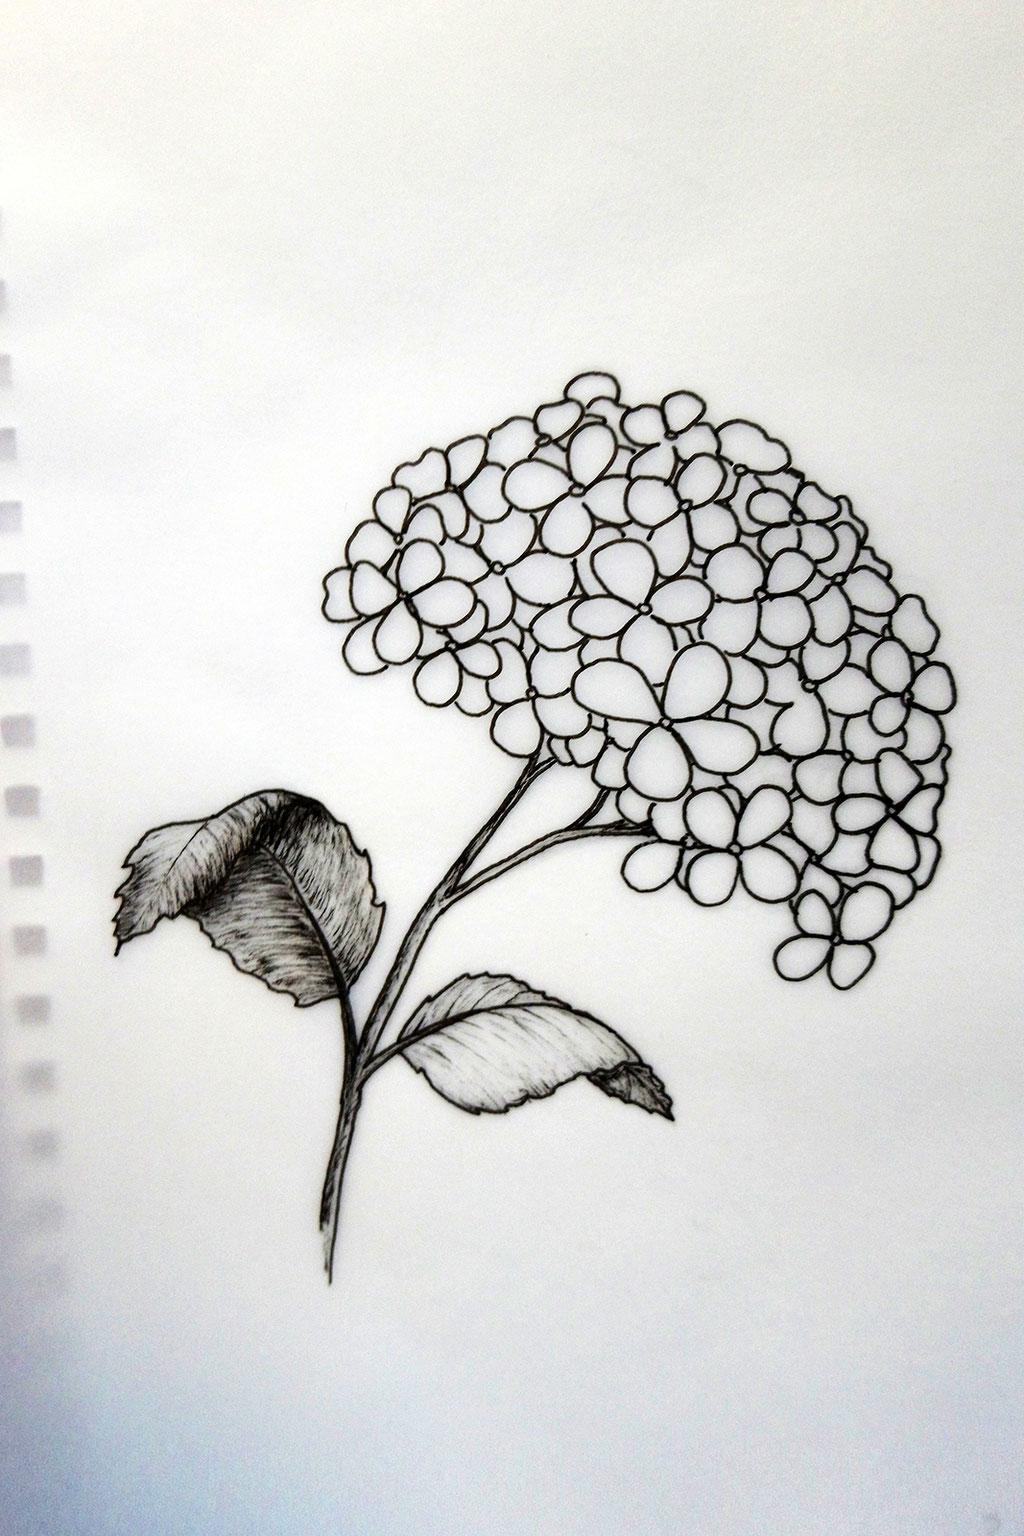 Tinte auf Transparentpapier - Illustration in Arbeit